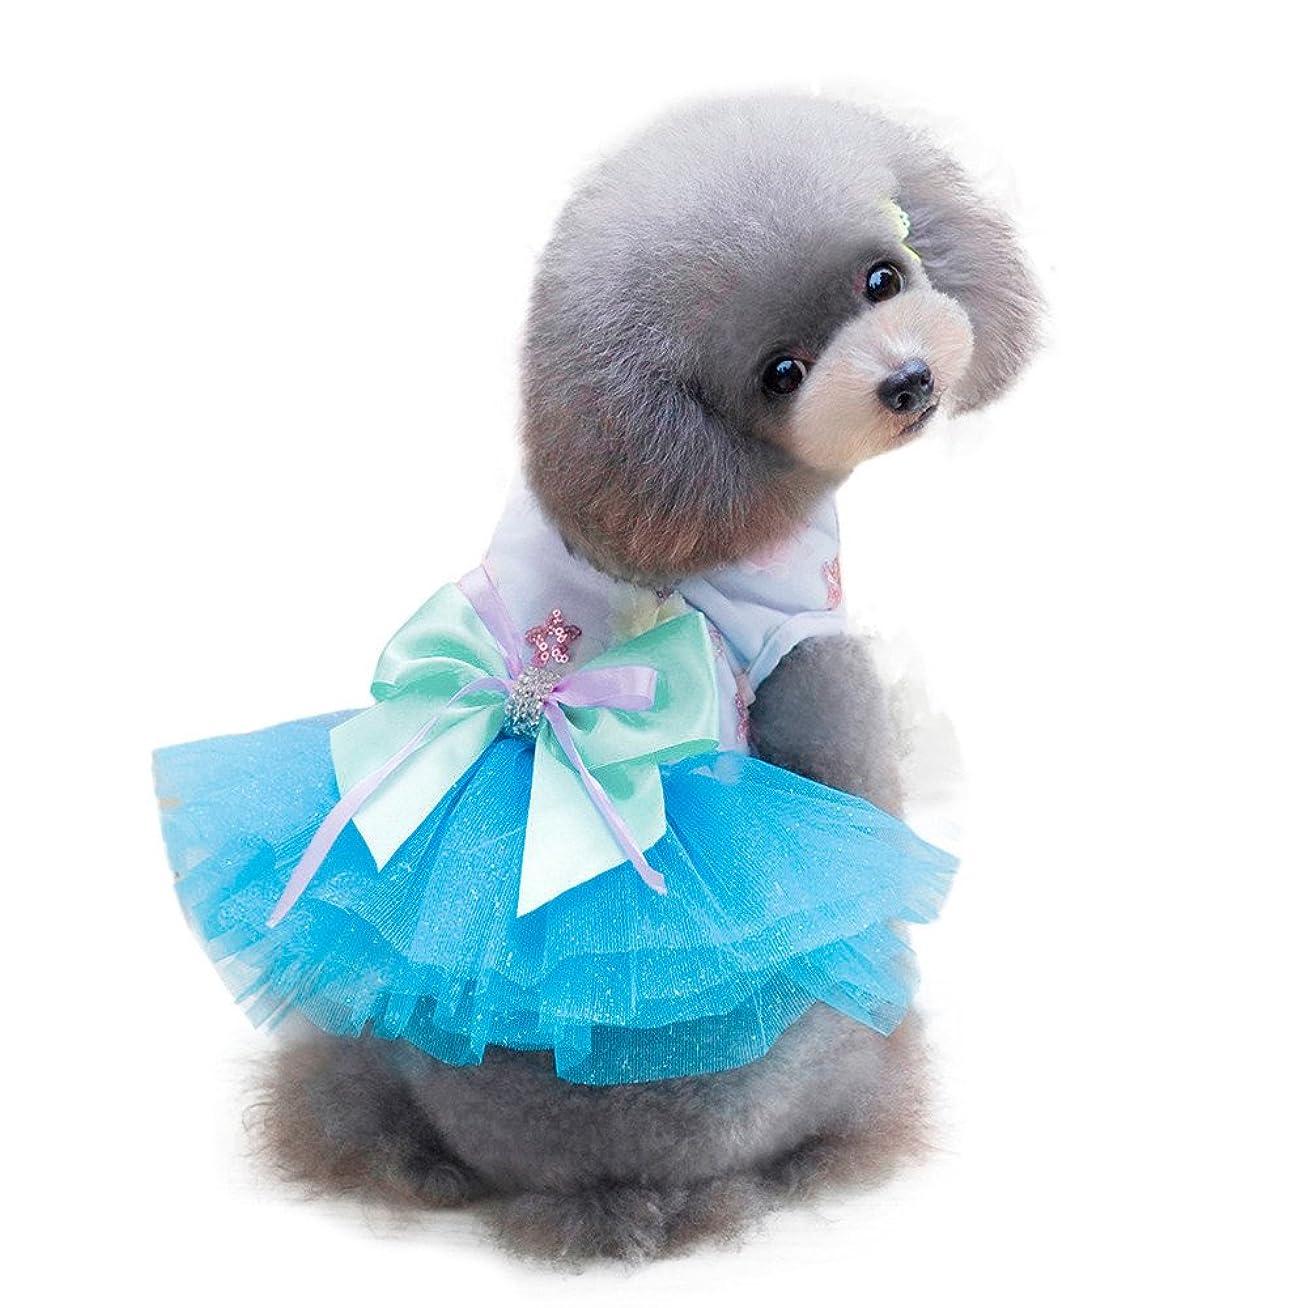 日焼け気候囲む[Tienpy] ペット犬猫服 ドレス ワンピース スカート蝶結びかわいいバブルドレススカート パーティードレス可愛い犬 中小型